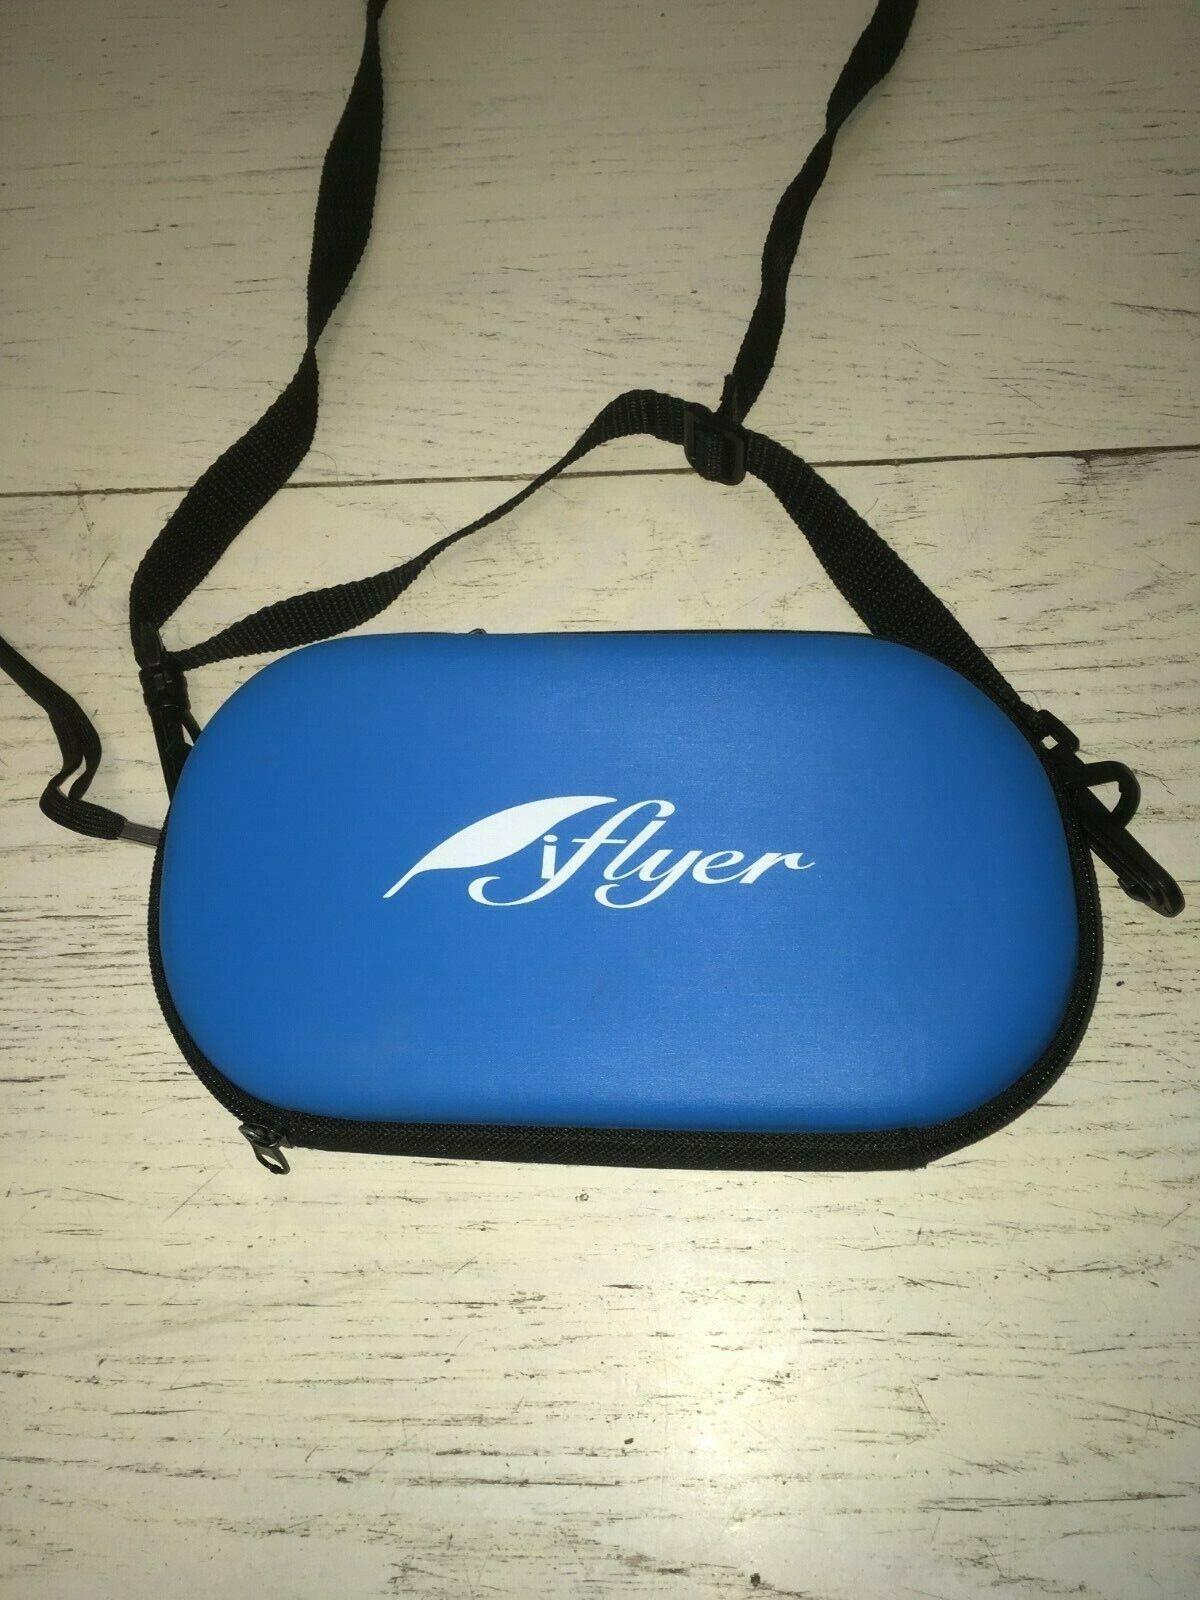 IFliegener iFliegener Scanner Birdsongs Music with Case